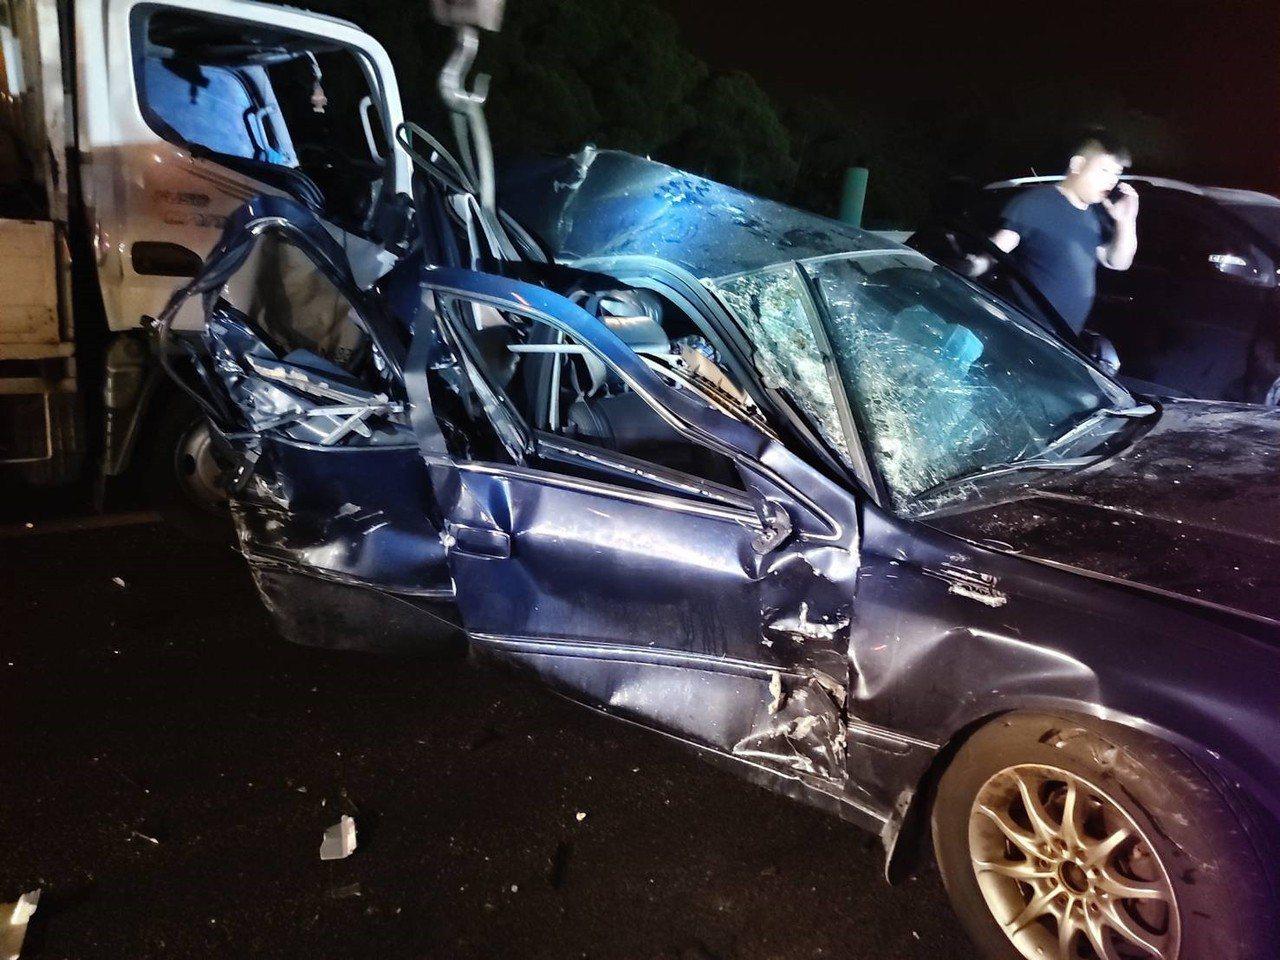 國道3號苗栗縣竹南鎮南下路段昨天深夜4輛車子連環撞,第3輛轎車嚴重扭曲變形,車內...